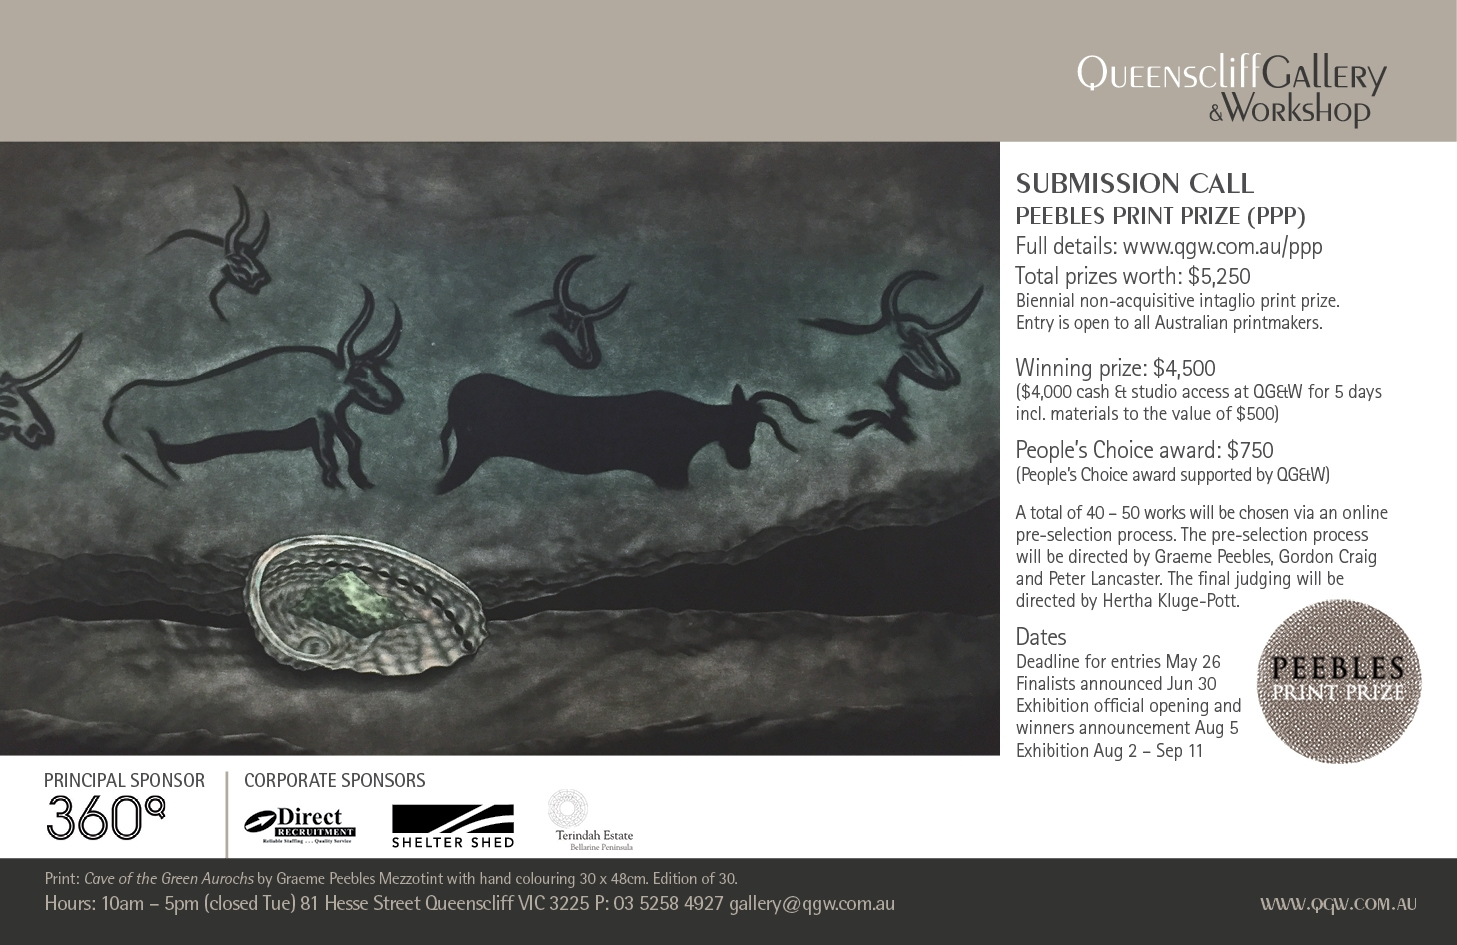 QG&W Peebles Print Prize (PPP) image